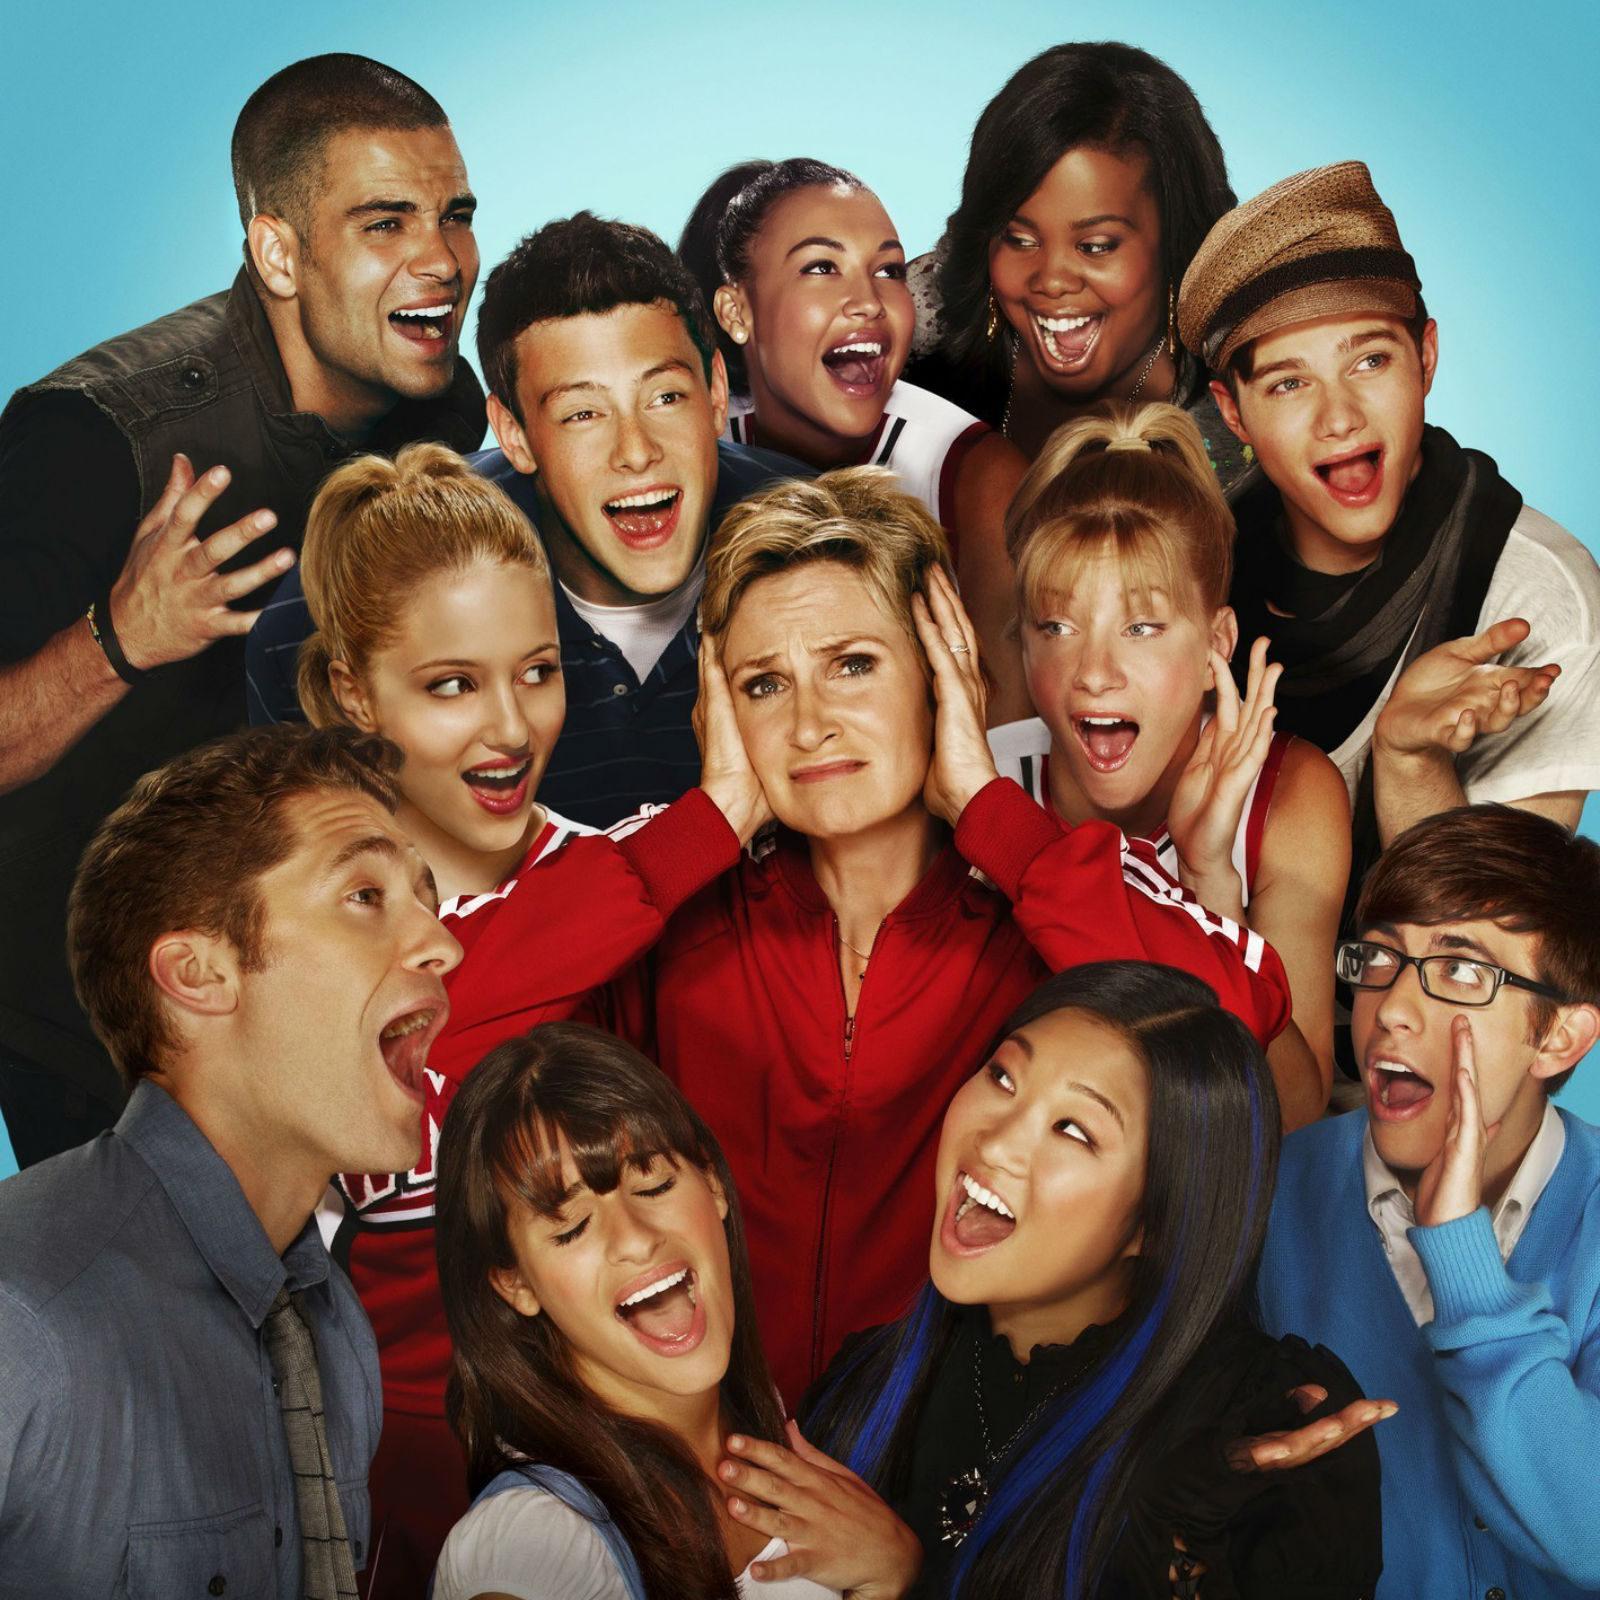 La maldición \'Glee\': Escándalos y tragedias de la serie de ...